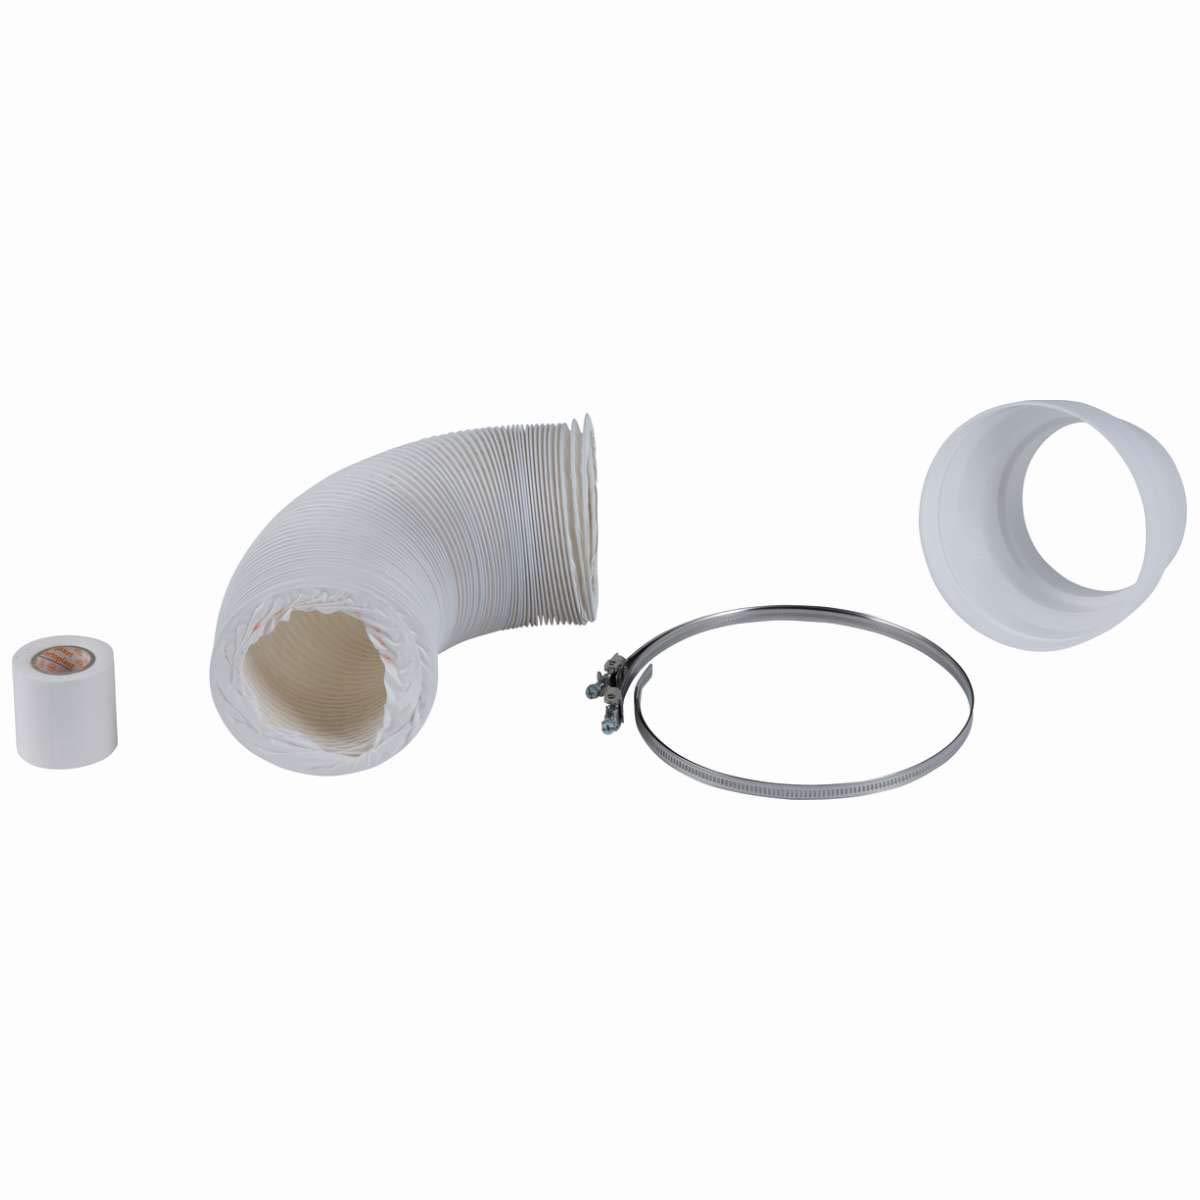 HEITRONIC Abluftschlauch-Set 5-teilig Abluftschlauch, Schlauchschellen, Abluftreduzierstück und Klebeband